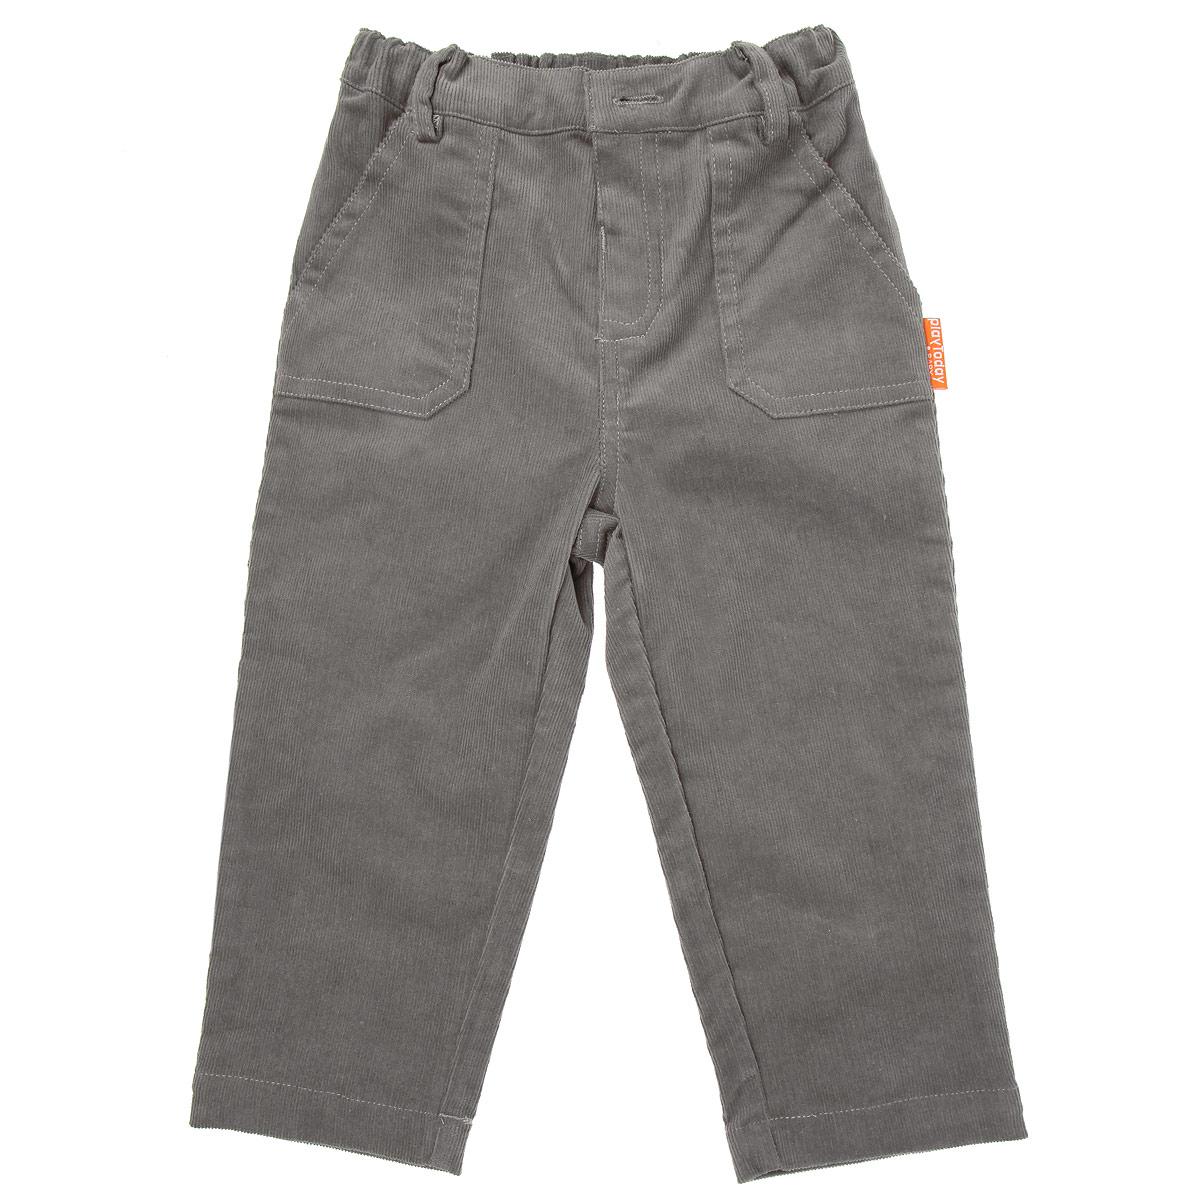 Брюки357010Удобные вельветовые брюки для мальчика PlayToday Baby идеально подойдут вашему малышу и станут отличным дополнением к детскому гардеробу. Изготовленные из эластичного хлопка, они необычайно мягкие и приятные на ощупь, не сковывают движения малыша и позволяют коже дышать, не раздражают нежную кожу ребенка, обеспечивая ему наибольший комфорт. Брюки прямого покроя на талии застегиваются на пуговицу и имеют имитацию ширинки, также имеются шлевки для ремня. С внутренней стороны пояс регулируется резинкой на пуговицах. Спереди изделие дополнено двумя накладными кармашками. Модель оформлена небольшой нашивкой с названием бренда. В таких брюках ваш маленький модник будет чувствовать себя комфортно, уютно и всегда будет в центре внимания!